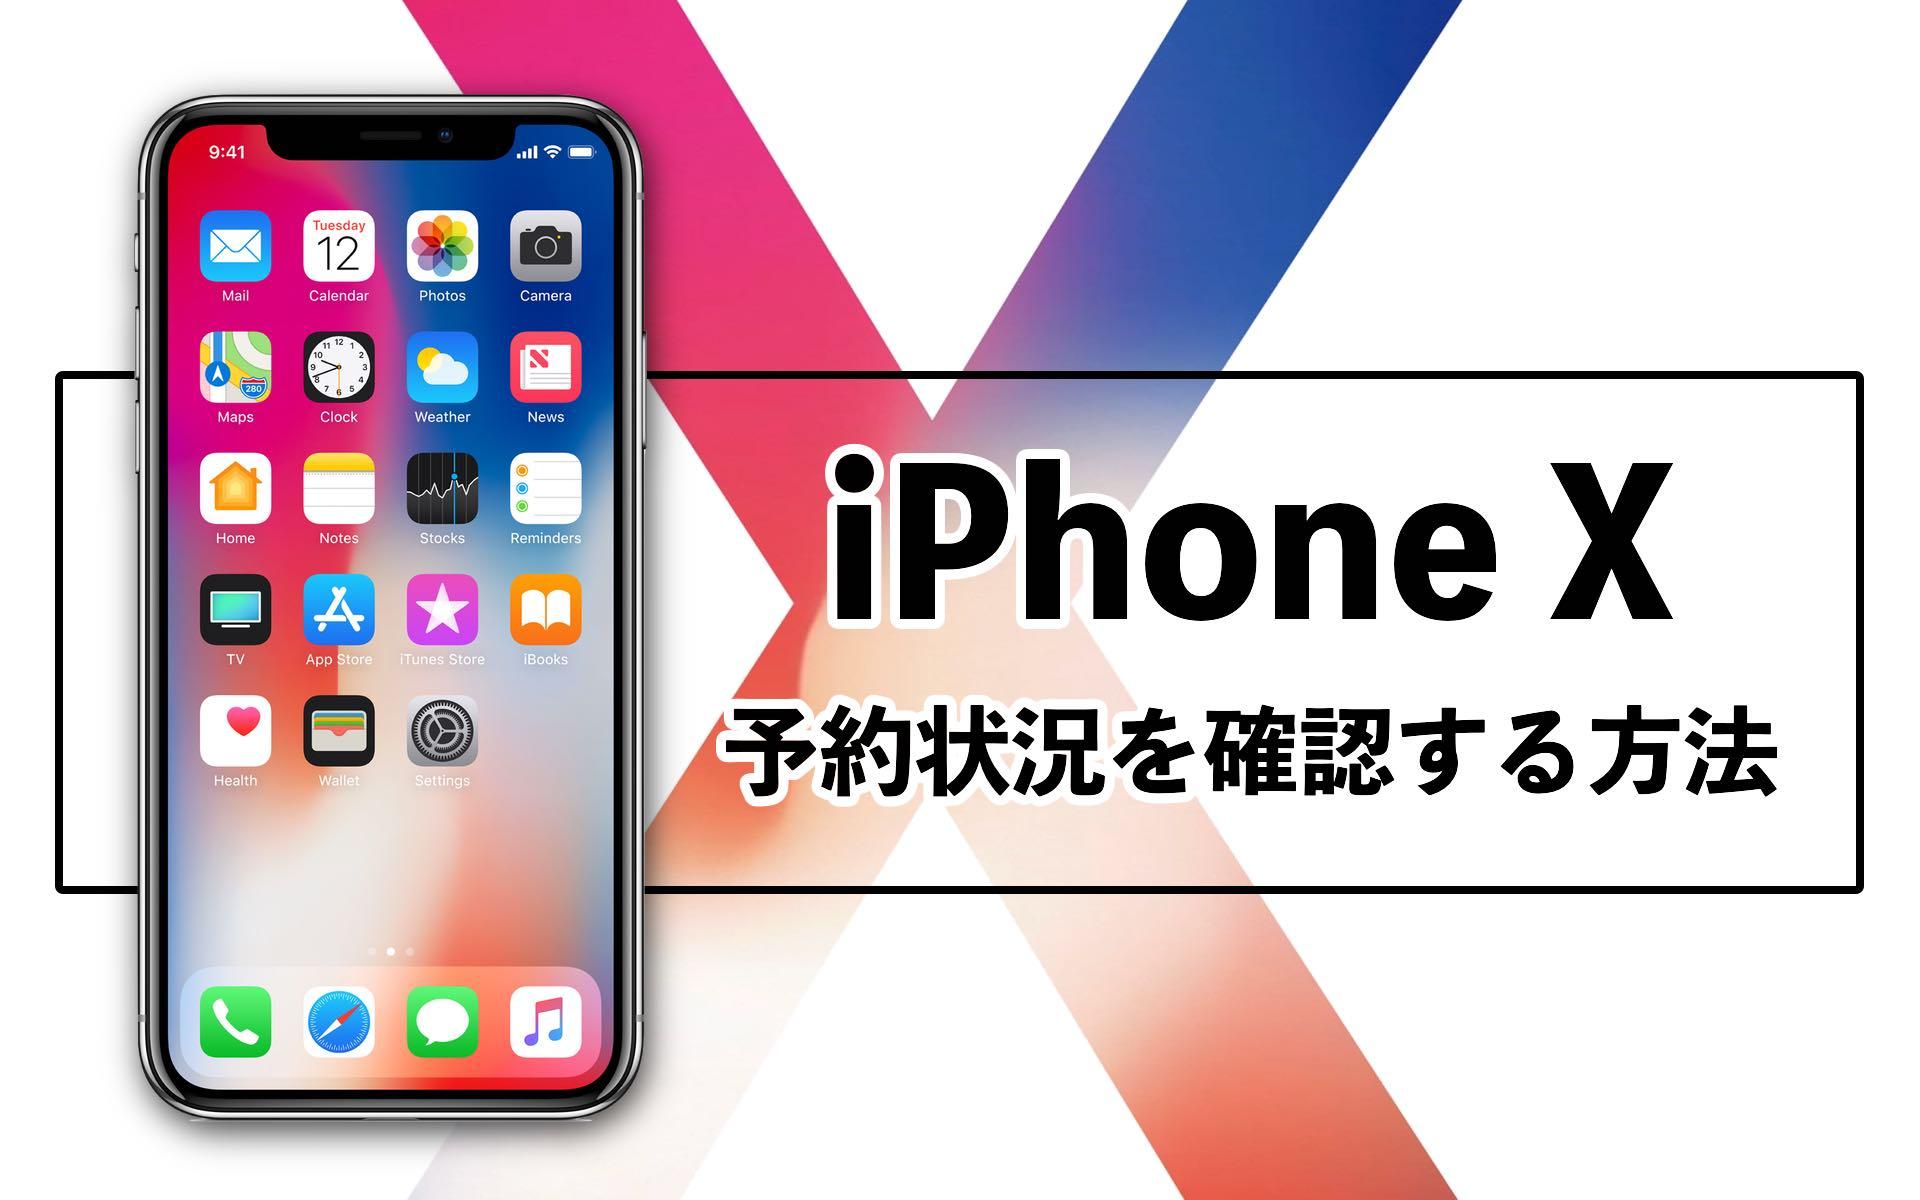 iPhoneX予約状況確認の画像